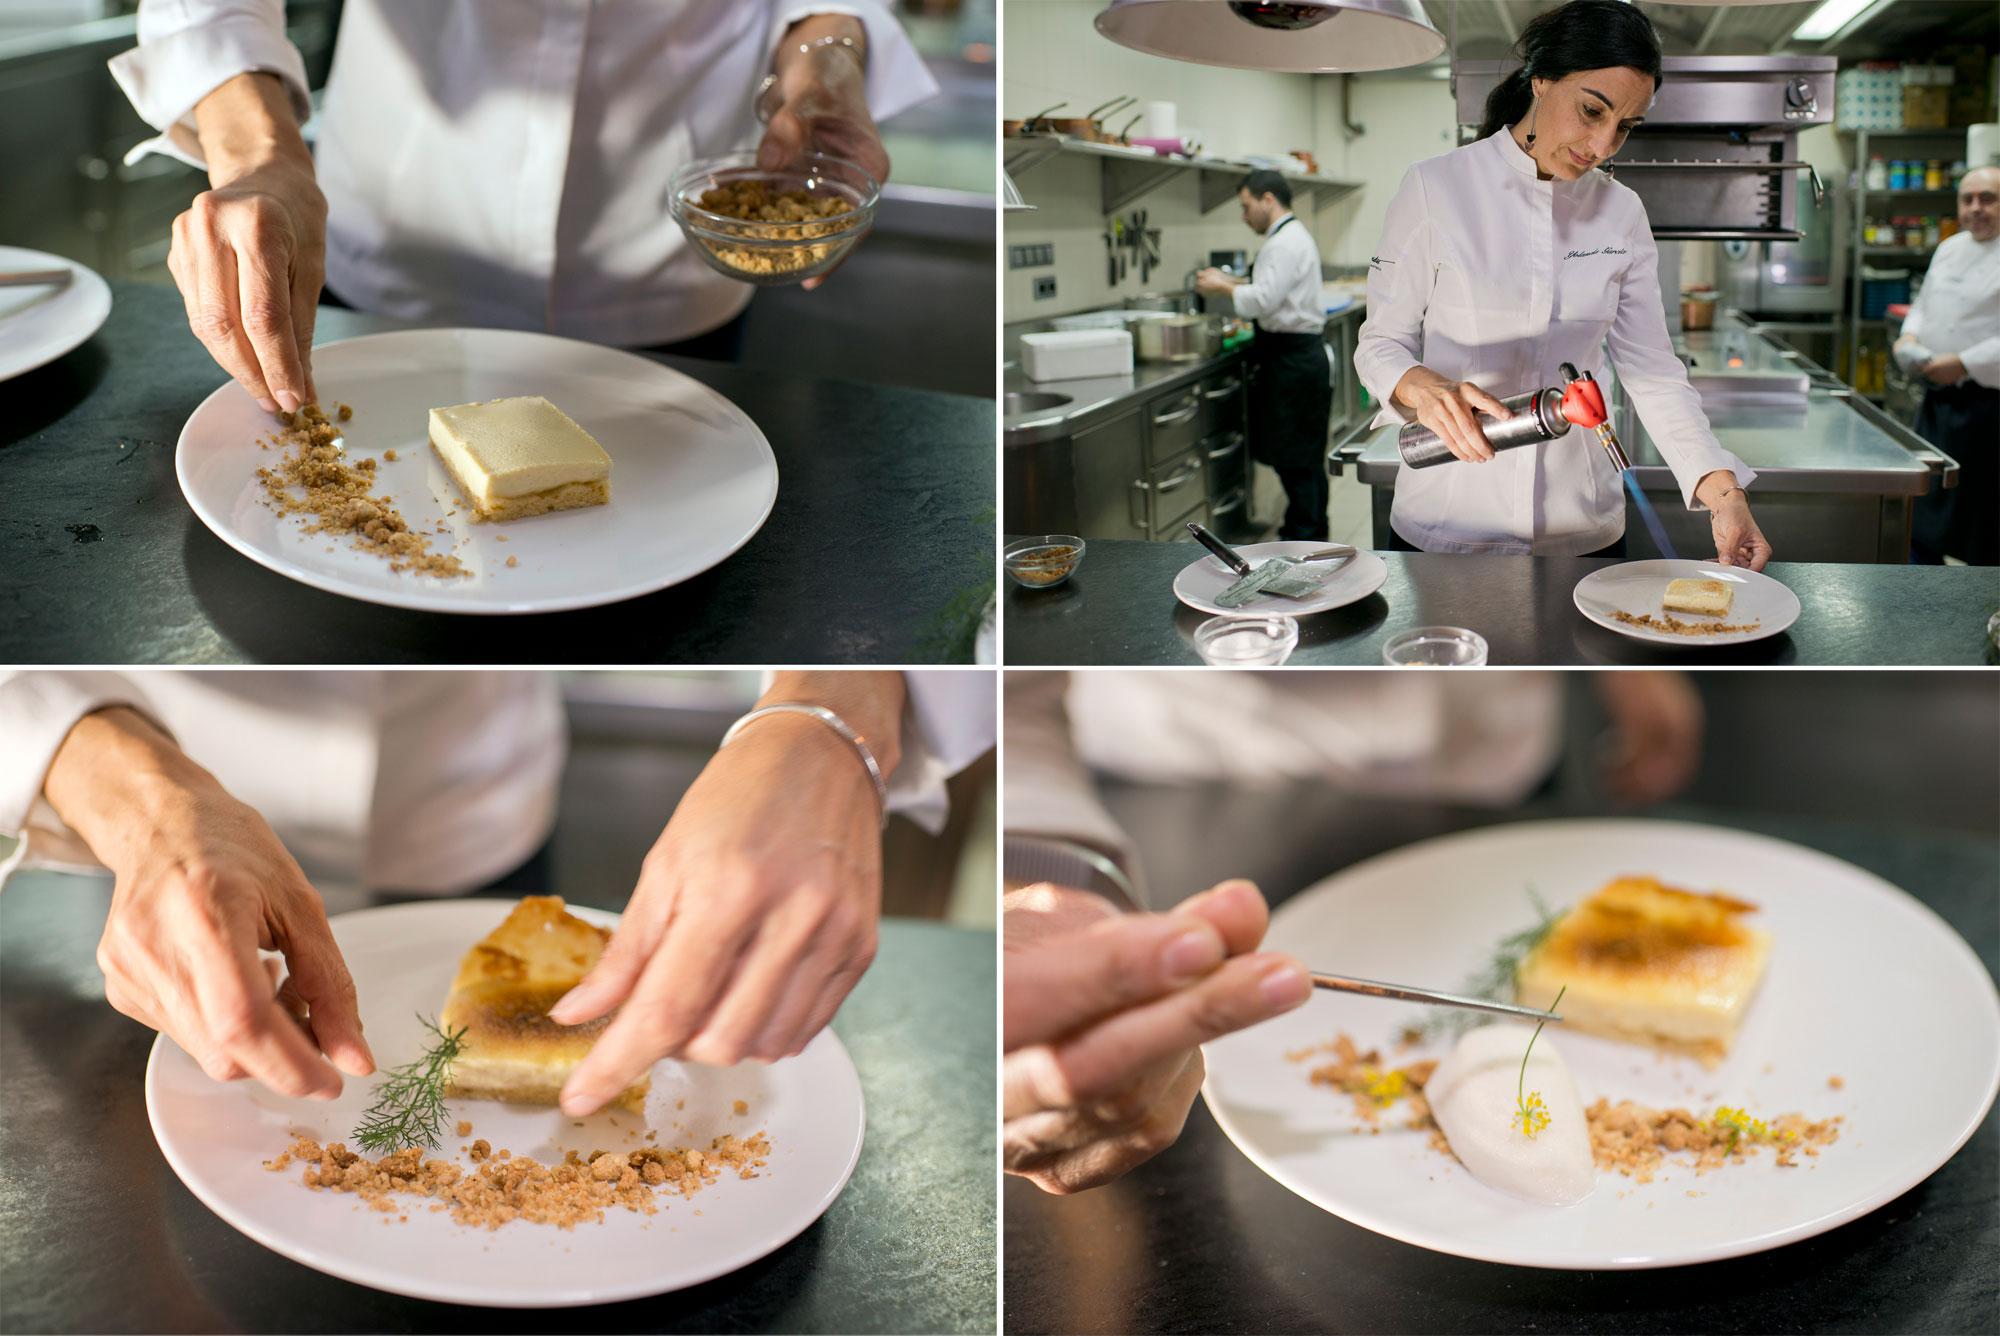 La cocinera lo llama el postre del paraíso. Y efectivamente, allí te lleva.